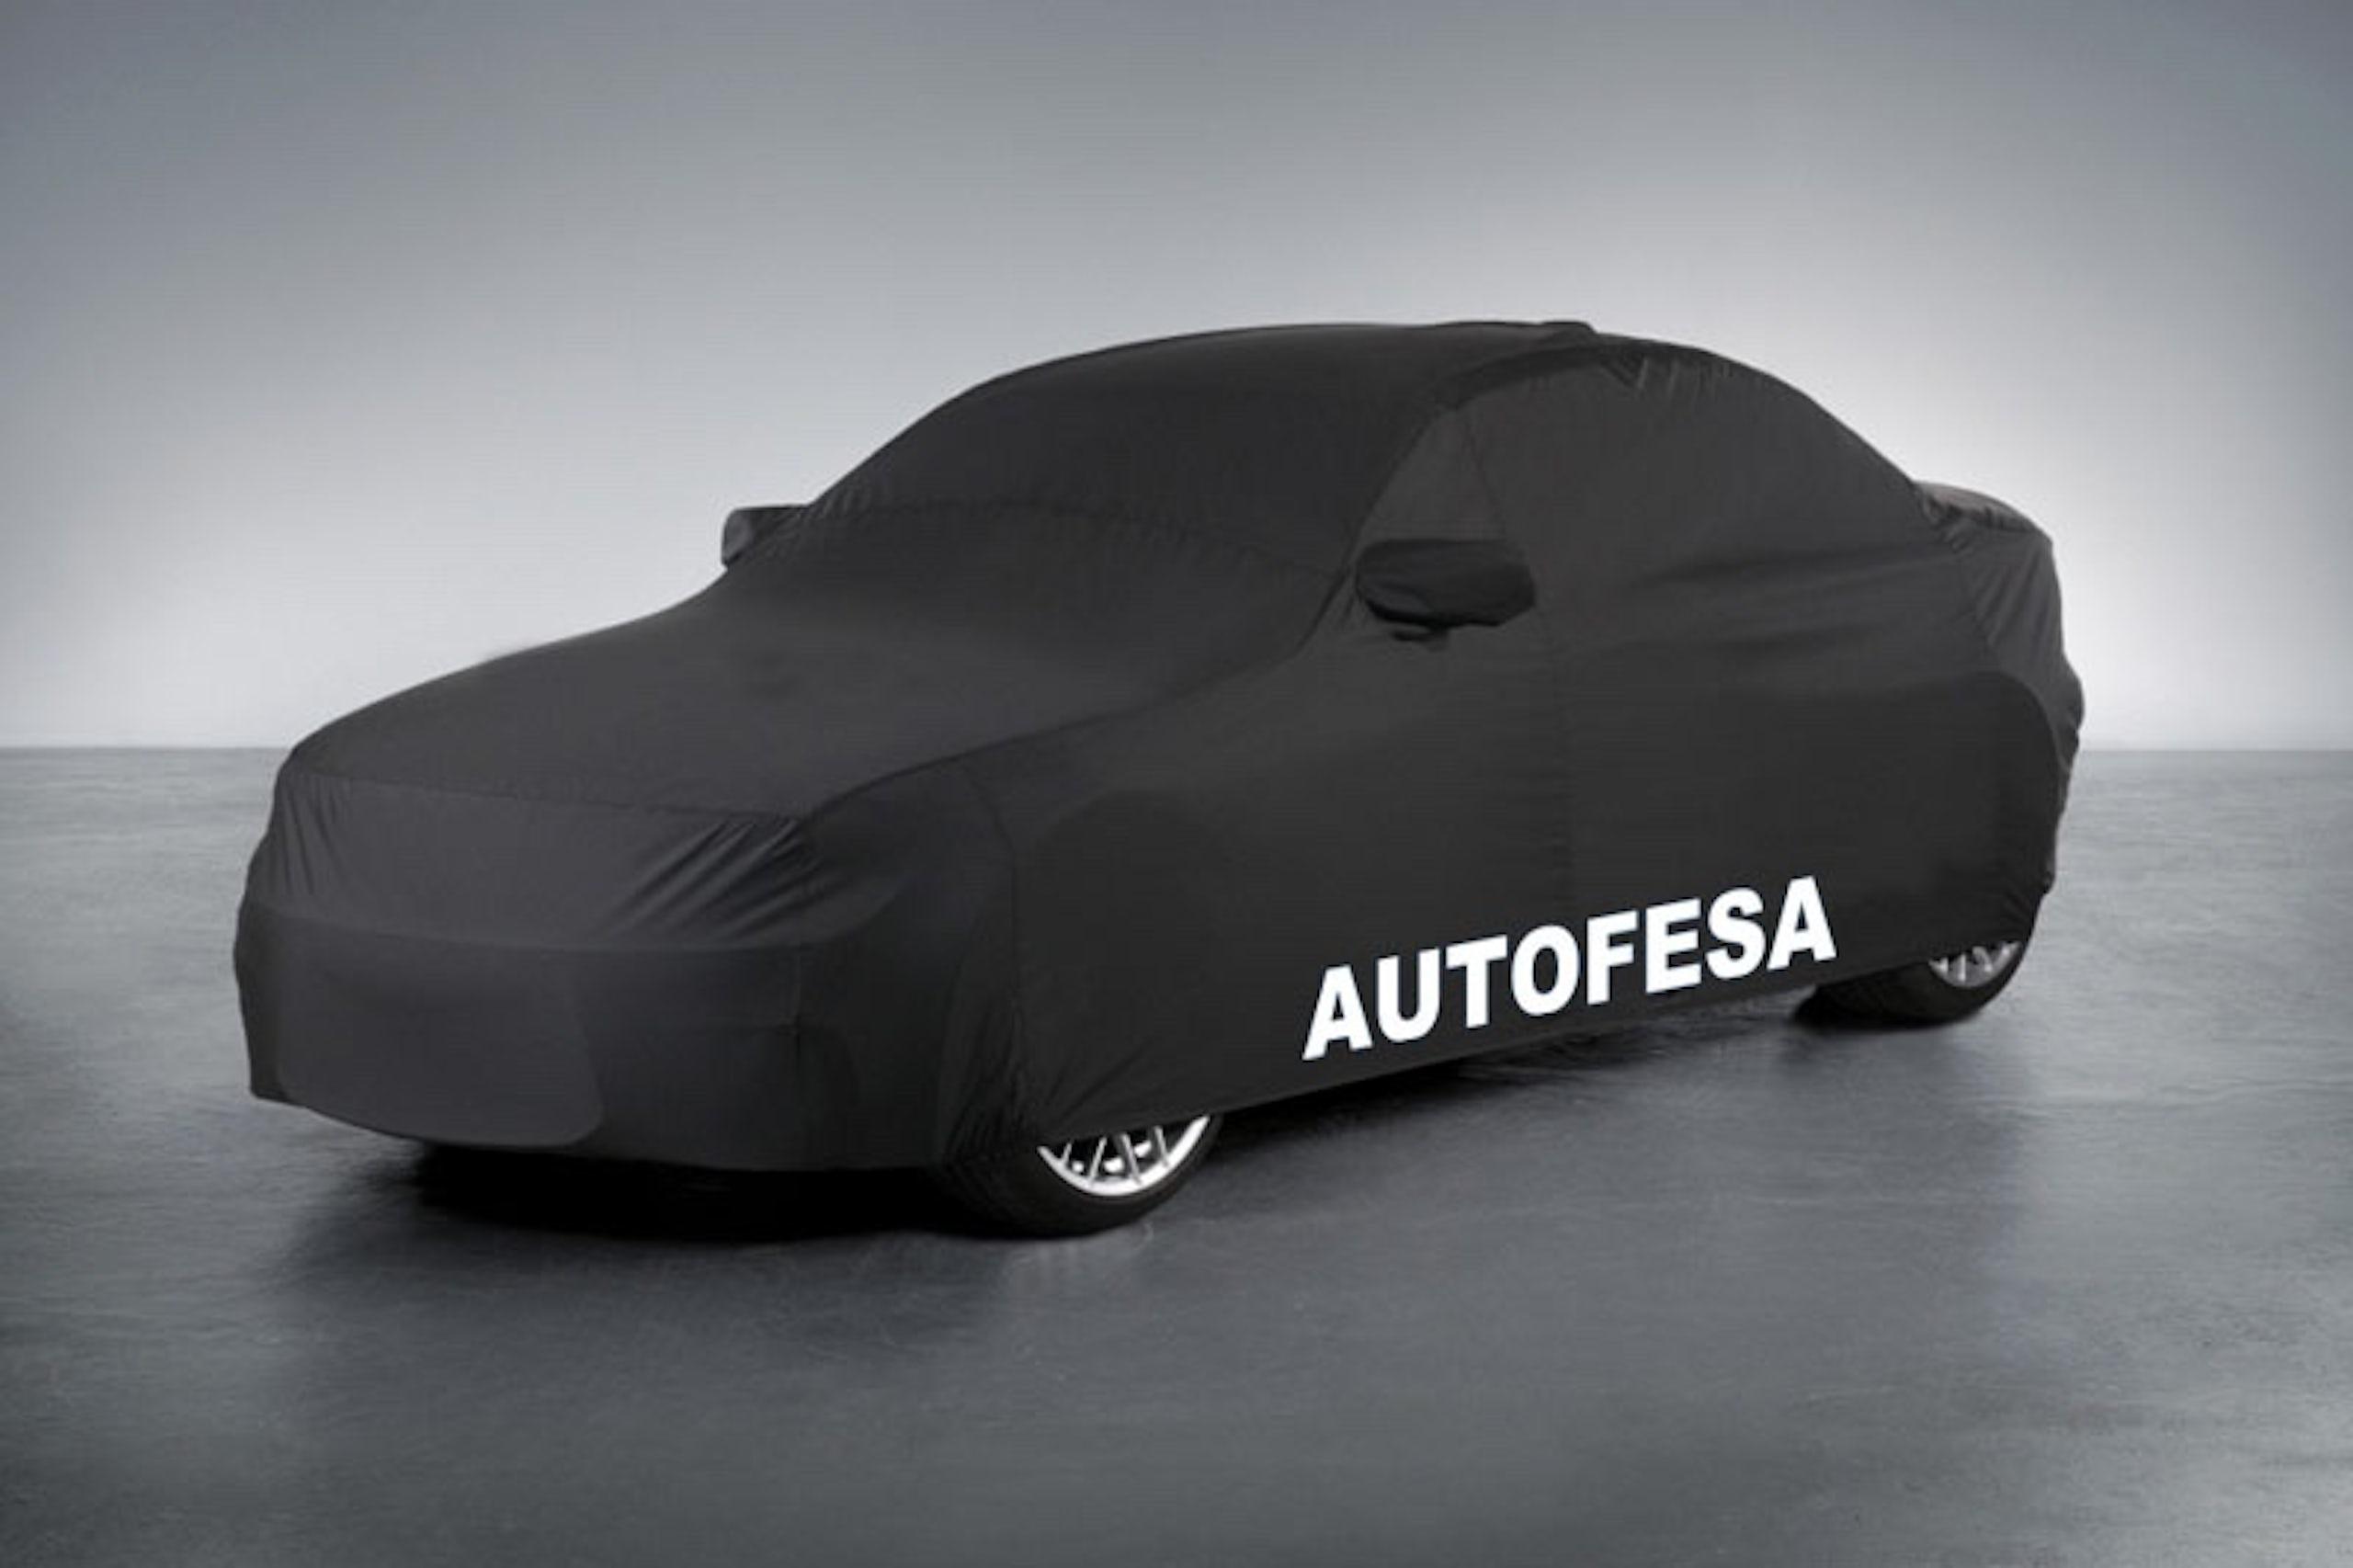 Audi Tts S Coupé 2.0 TFSI 245cv quattro S Line 3p S tronic Auto S/S - Foto 26